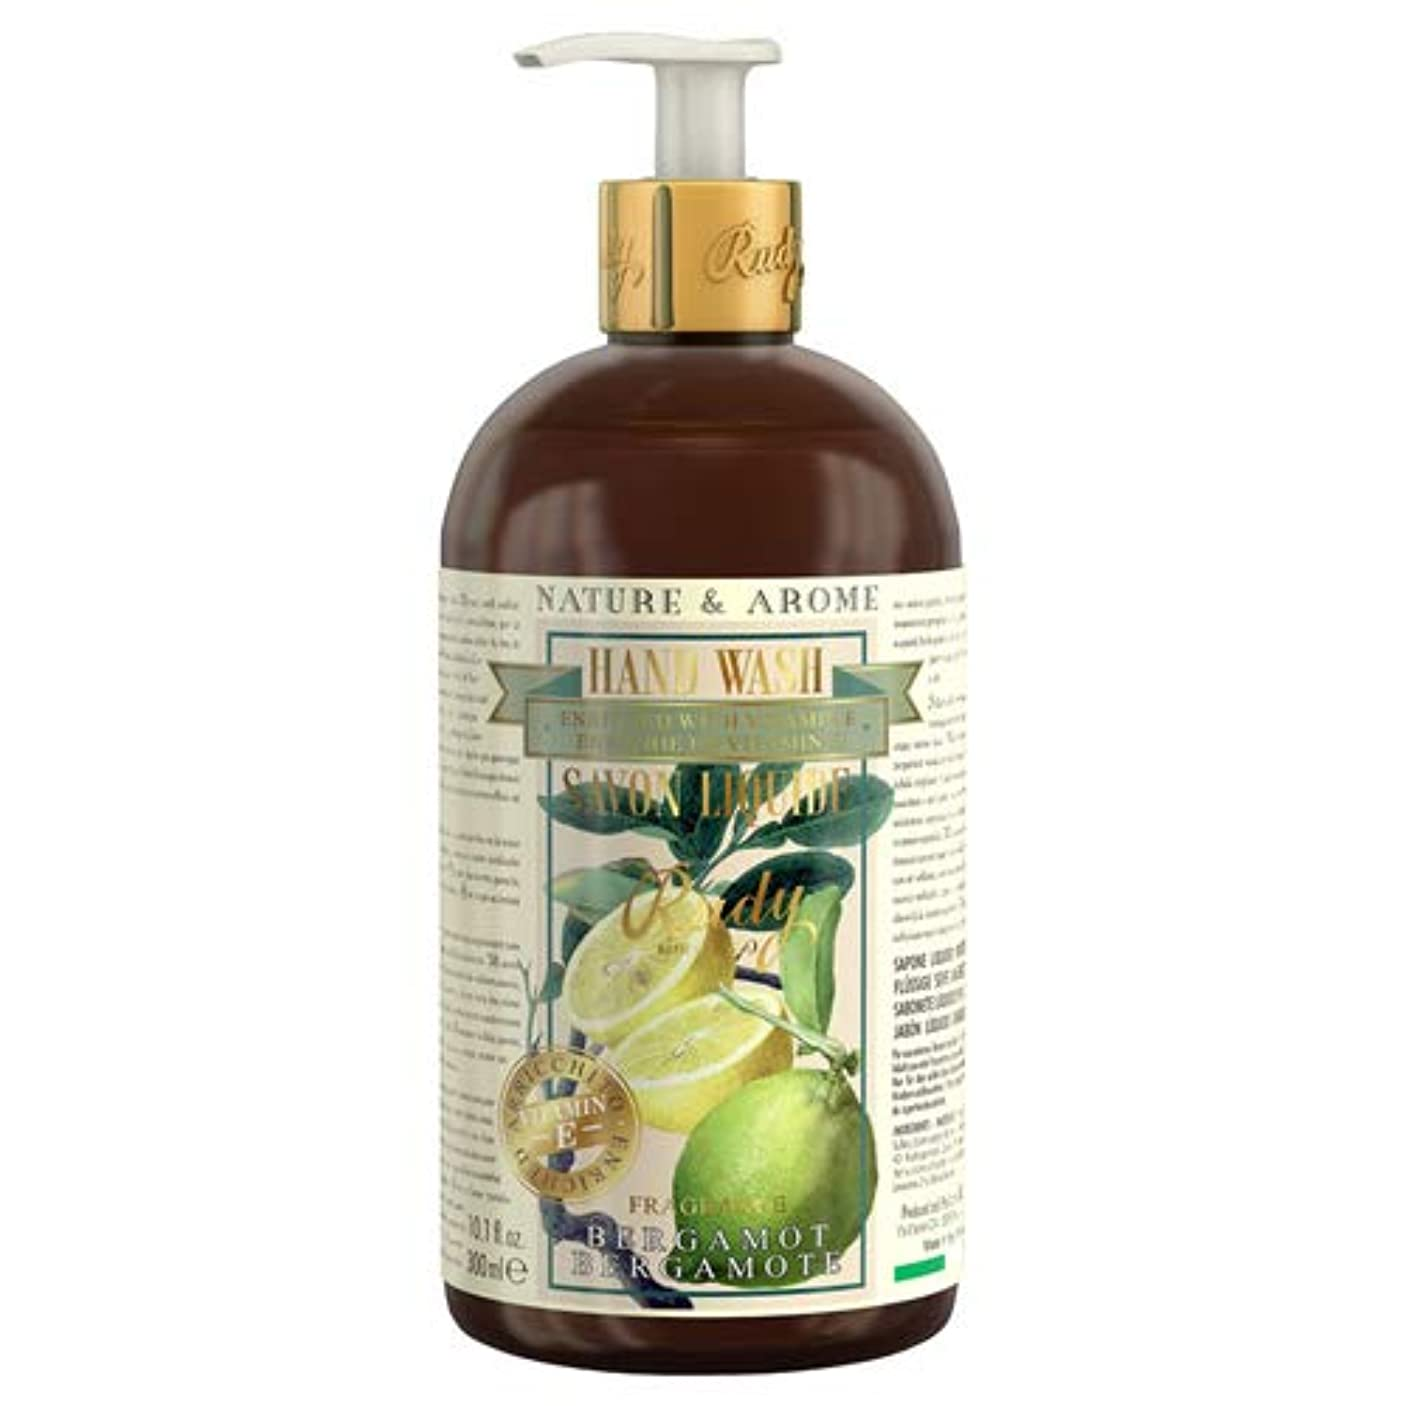 合法恥ずかしいスタンドルディ(Rudy) RUDY Nature&Arome Apothecary ネイチャーアロマ アポセカリー Hand Wash ハンドウォッシュ(ボディソープ) Bergamot ベルガモット